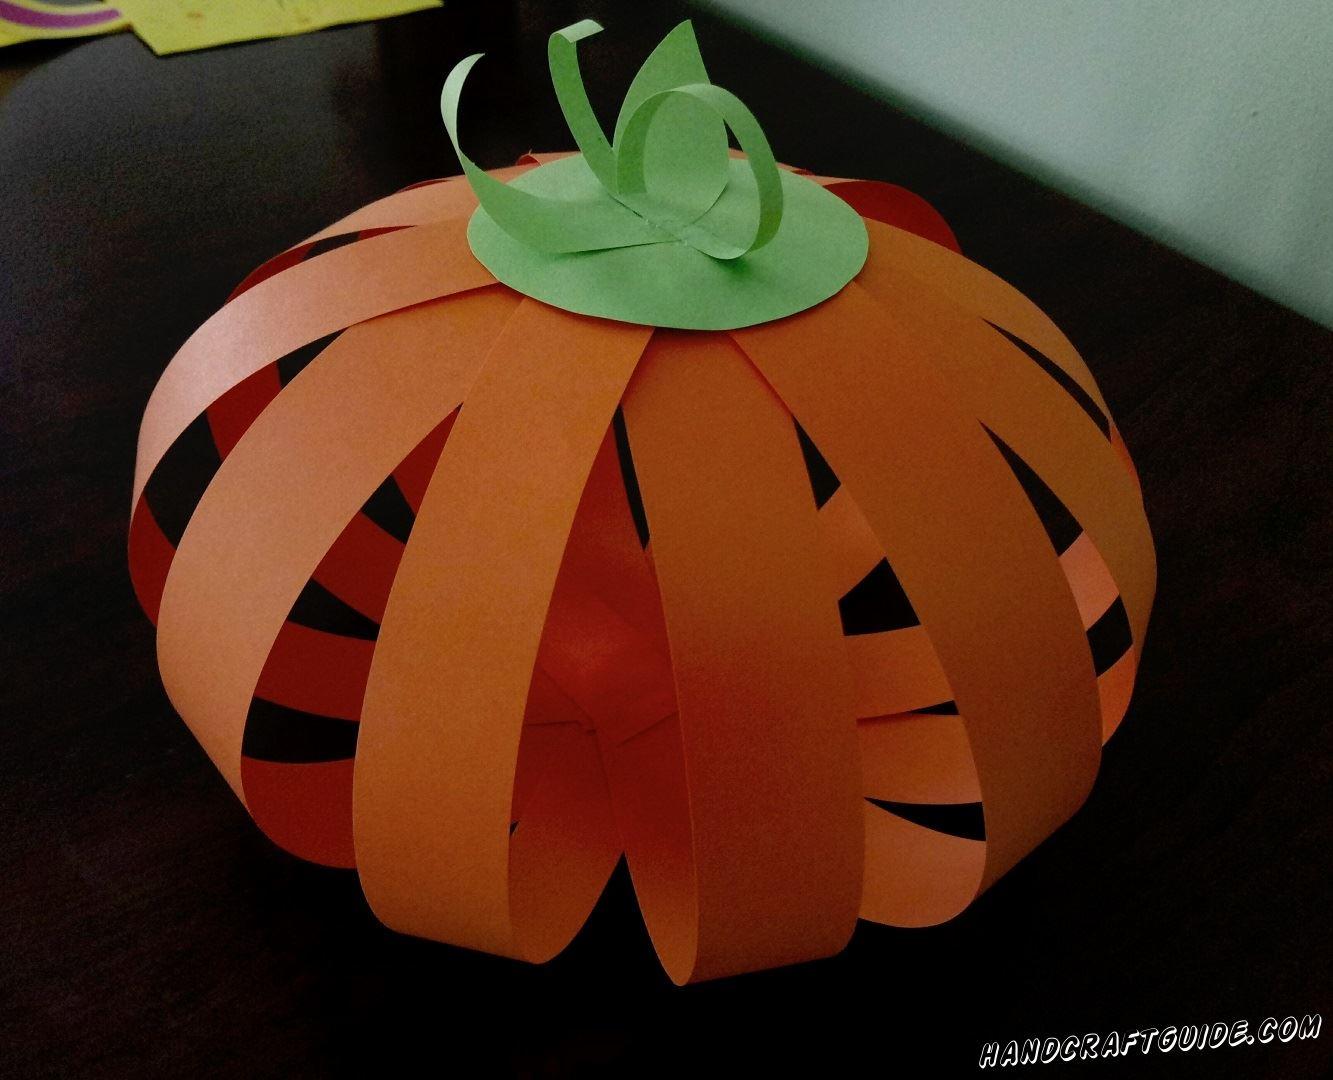 Скоро Хэллоуин и нам обязательно нужно украсить дом к этому весёлому празднику. Давайте вместе сделаем тыкву из цветной бумаги, своими руками.